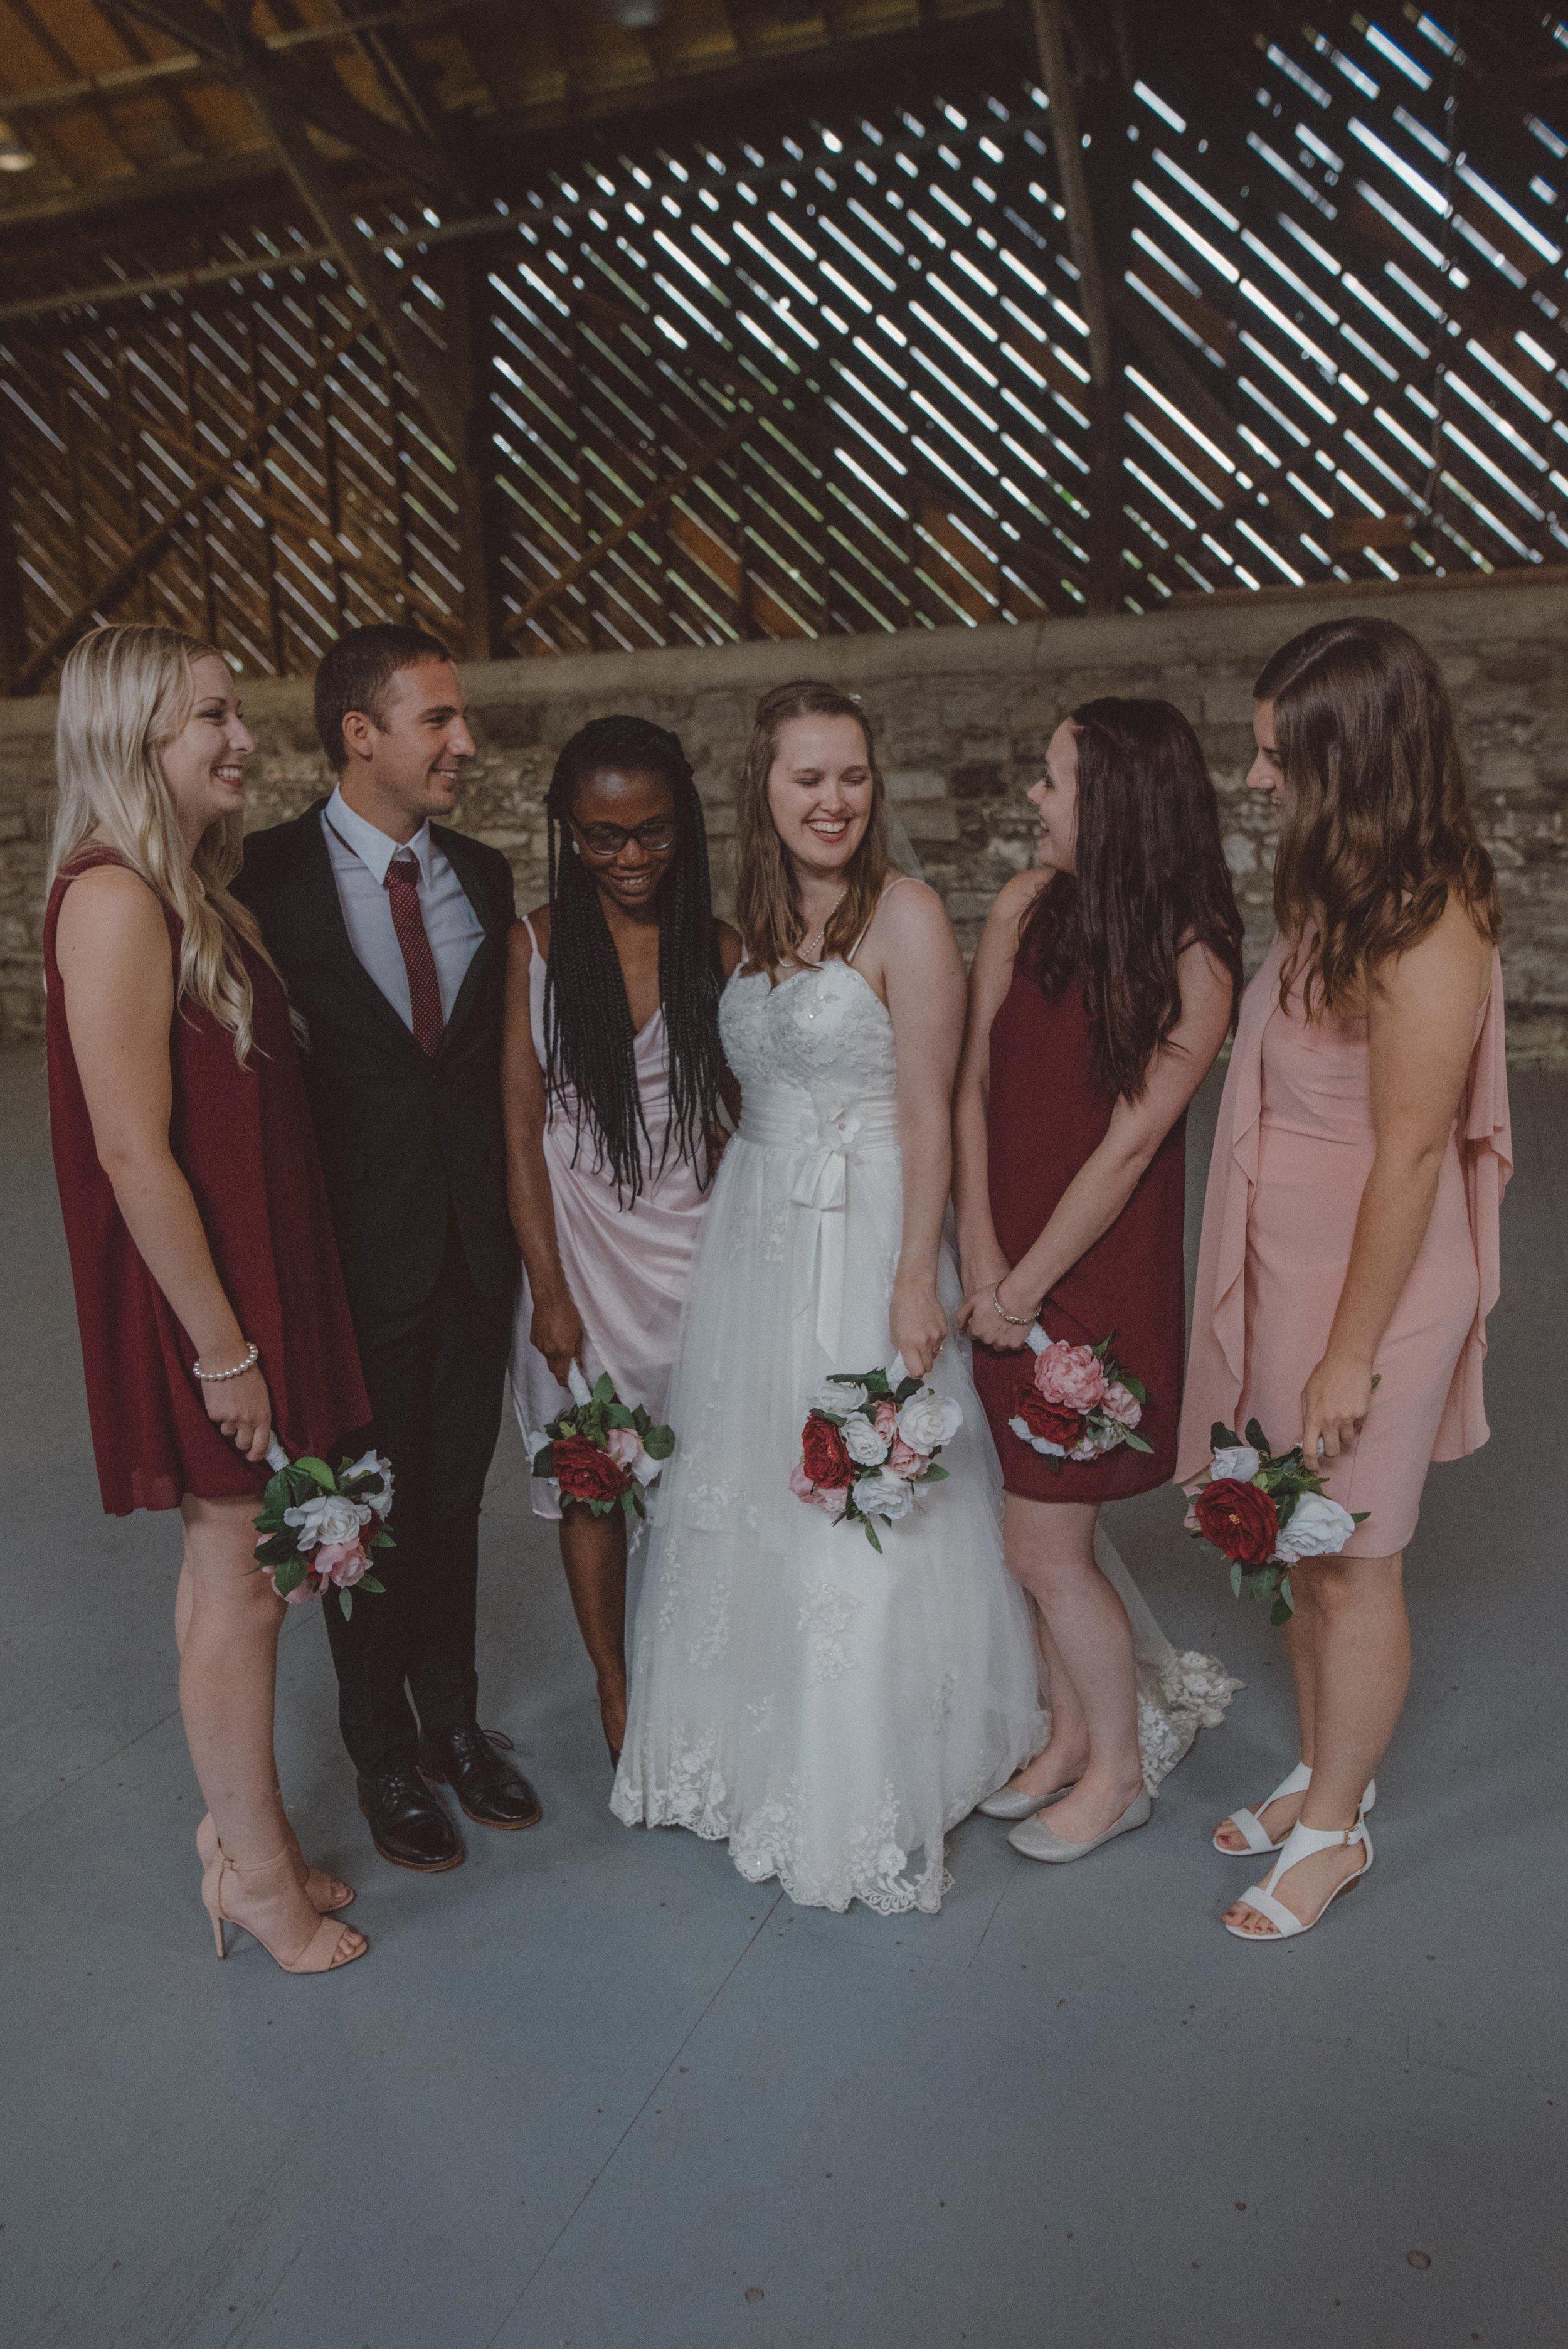 wedding_photographer_lifestyle_documentary_photographe_ottawa_gatineau-3.jpg